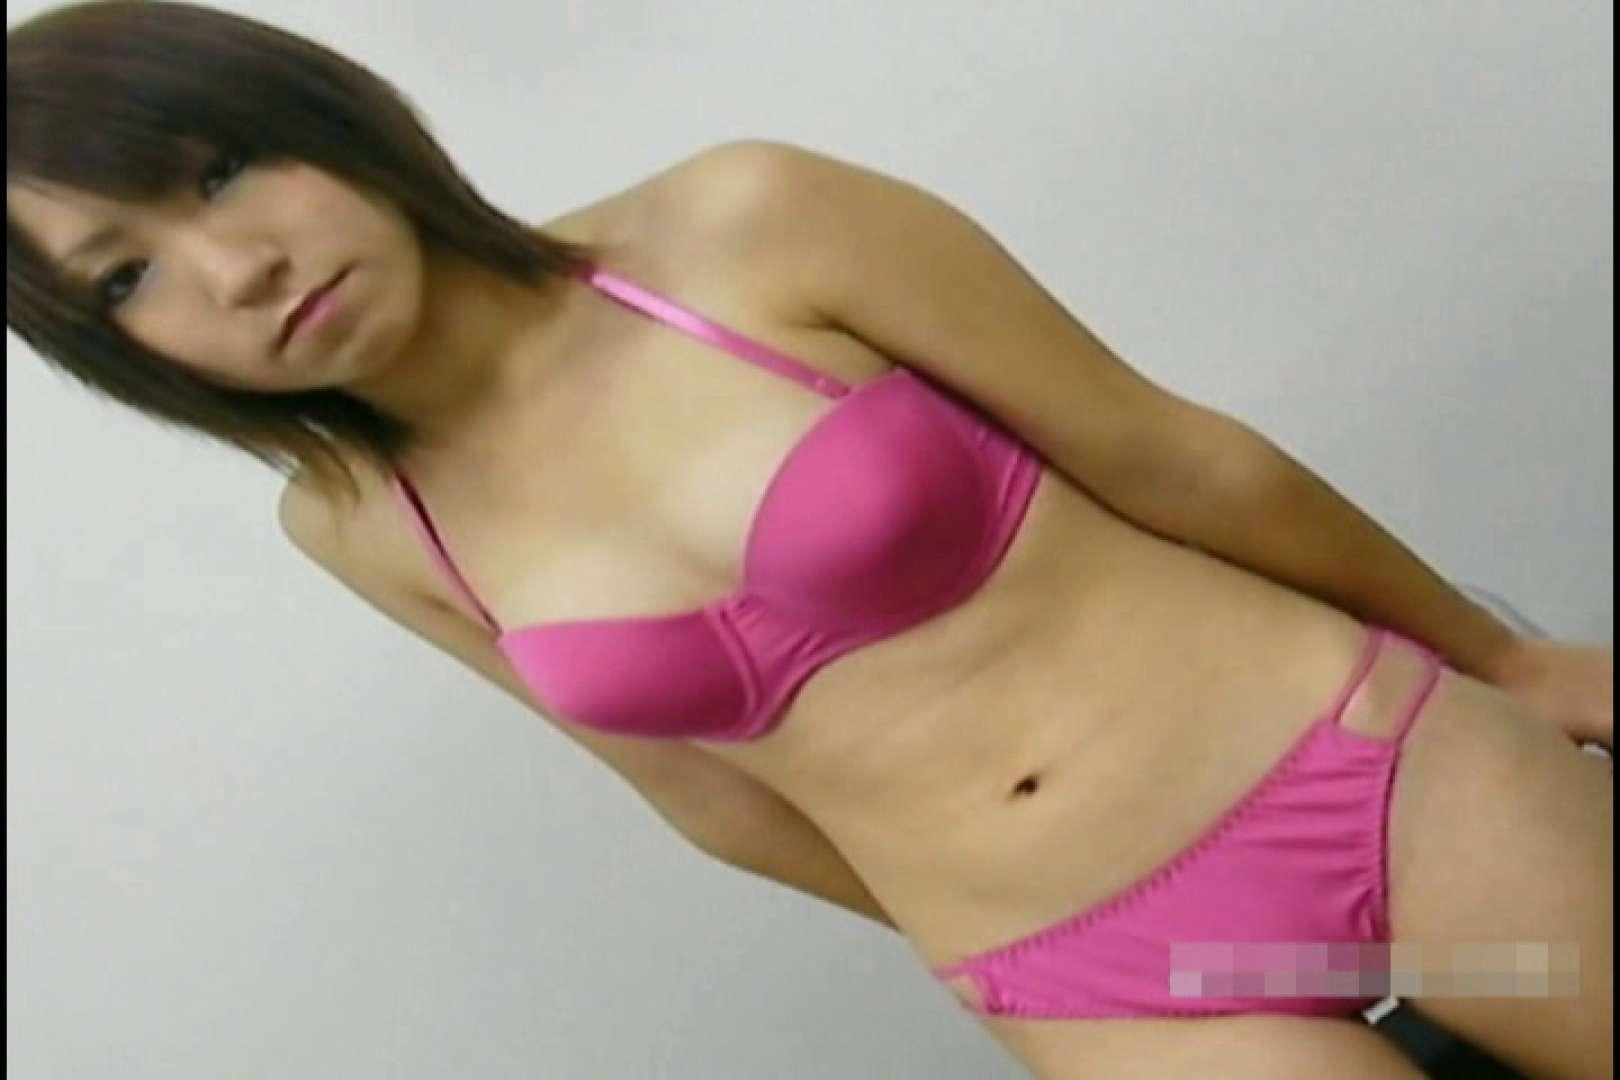 素人撮影 下着だけの撮影のはずが・・・れみ18歳 おっぱい  94連発 21